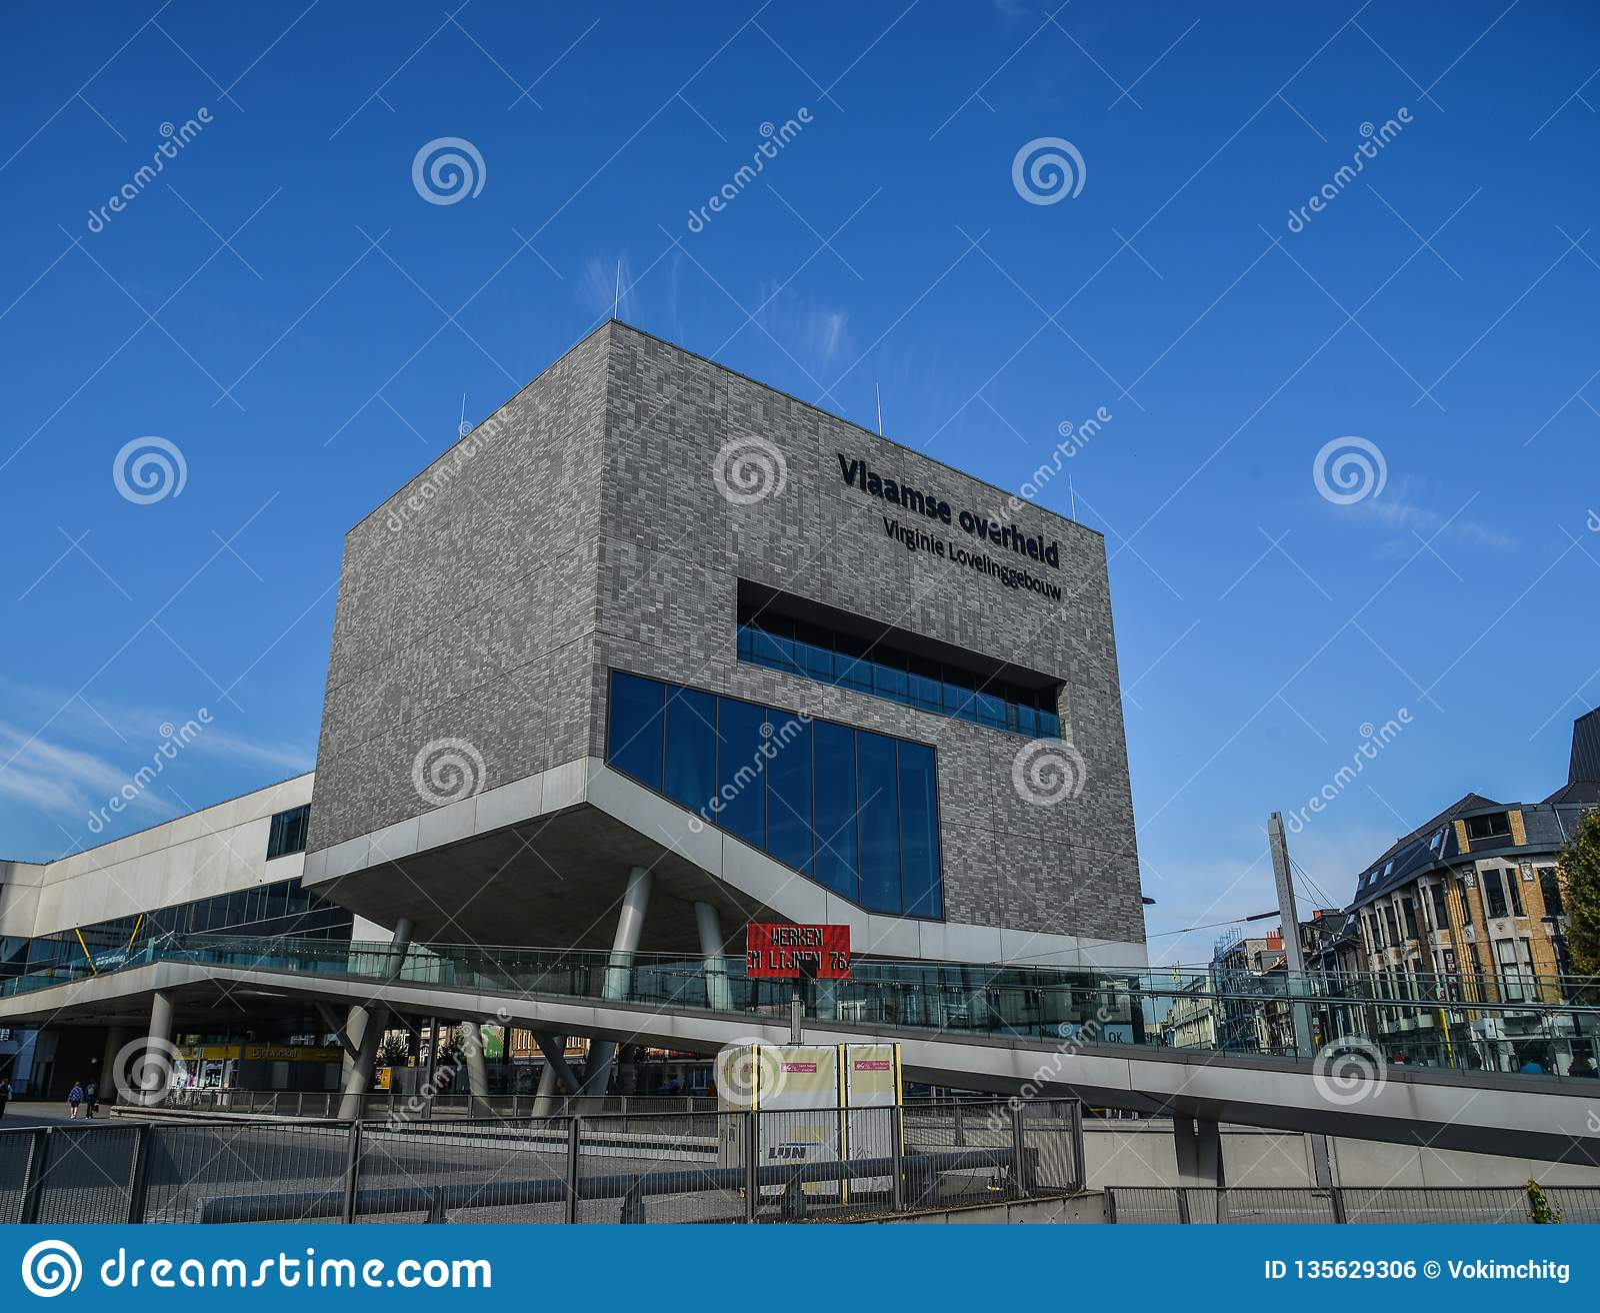 A modern building in Bruges, Belgium